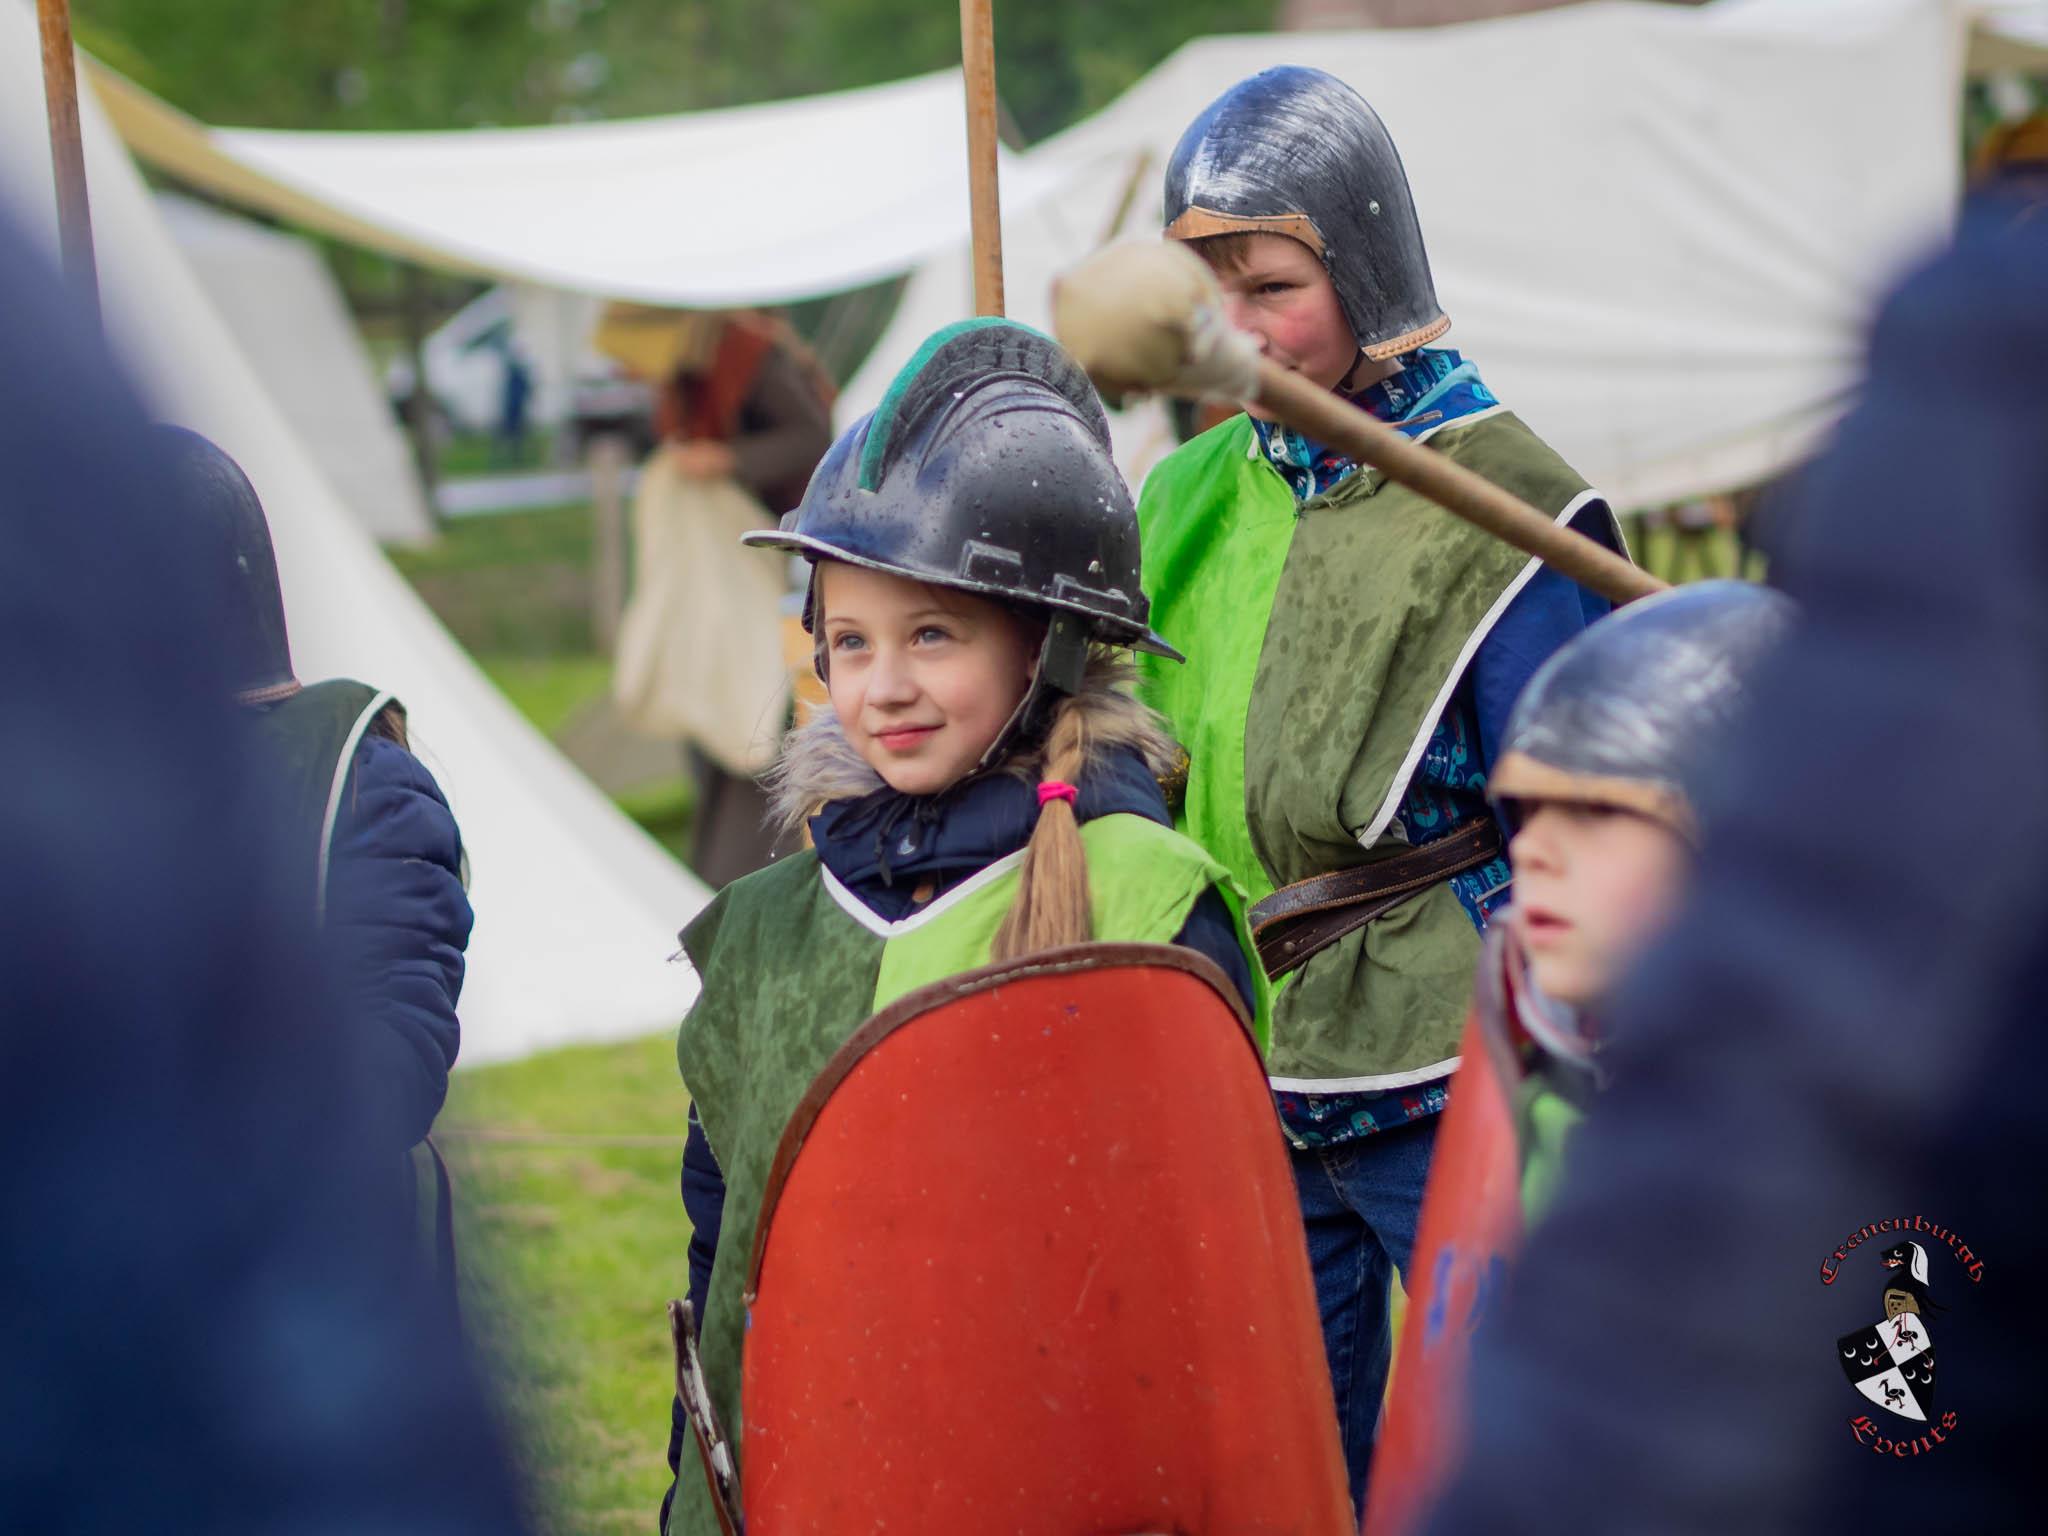 Middeleeuws-Festijn-Cannenburgh-2019-Ellen-la-Faille-36